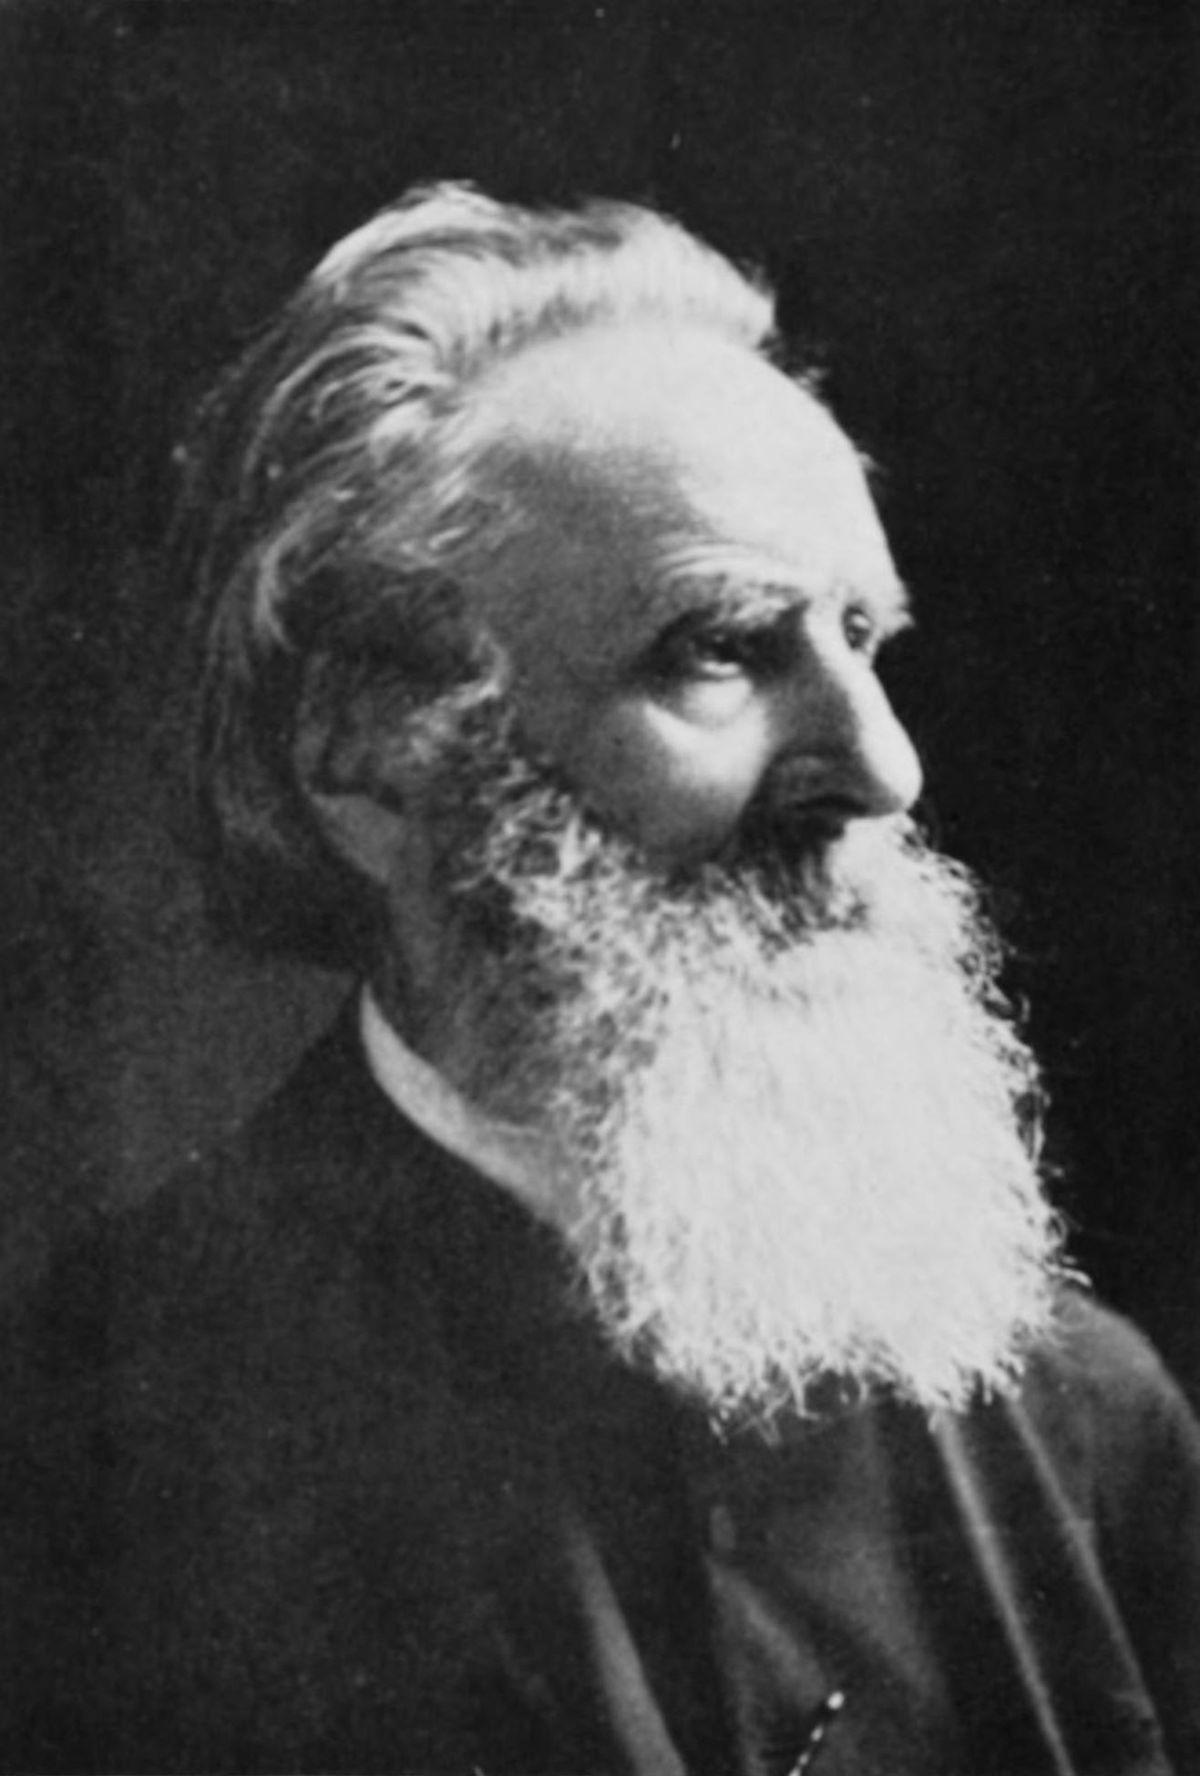 Johannes Adam Simon Oertel - Wikipedia: https://en.wikipedia.org/wiki/Johannes_Adam_Simon_Oertel